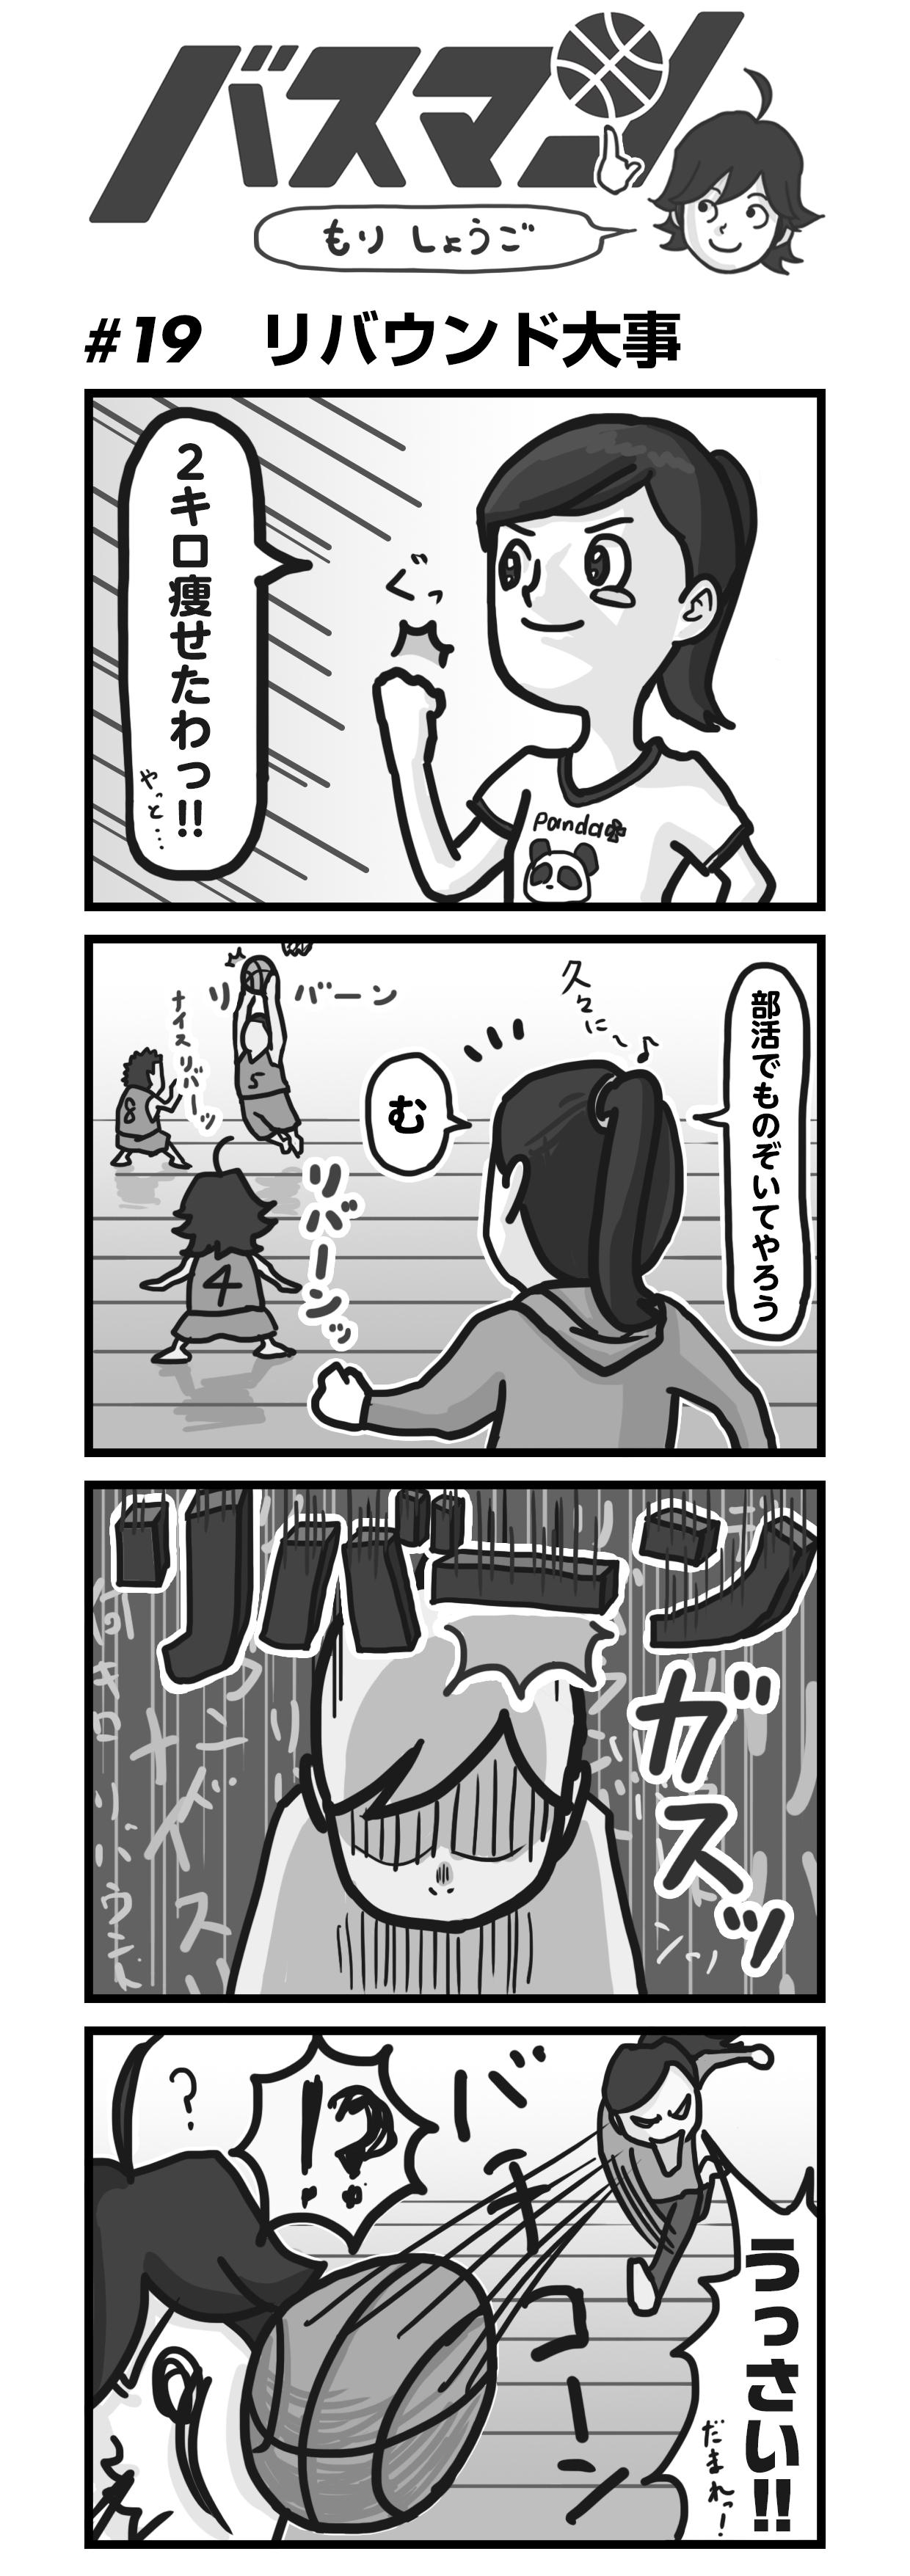 バスマン#019 「リバウンド大事」